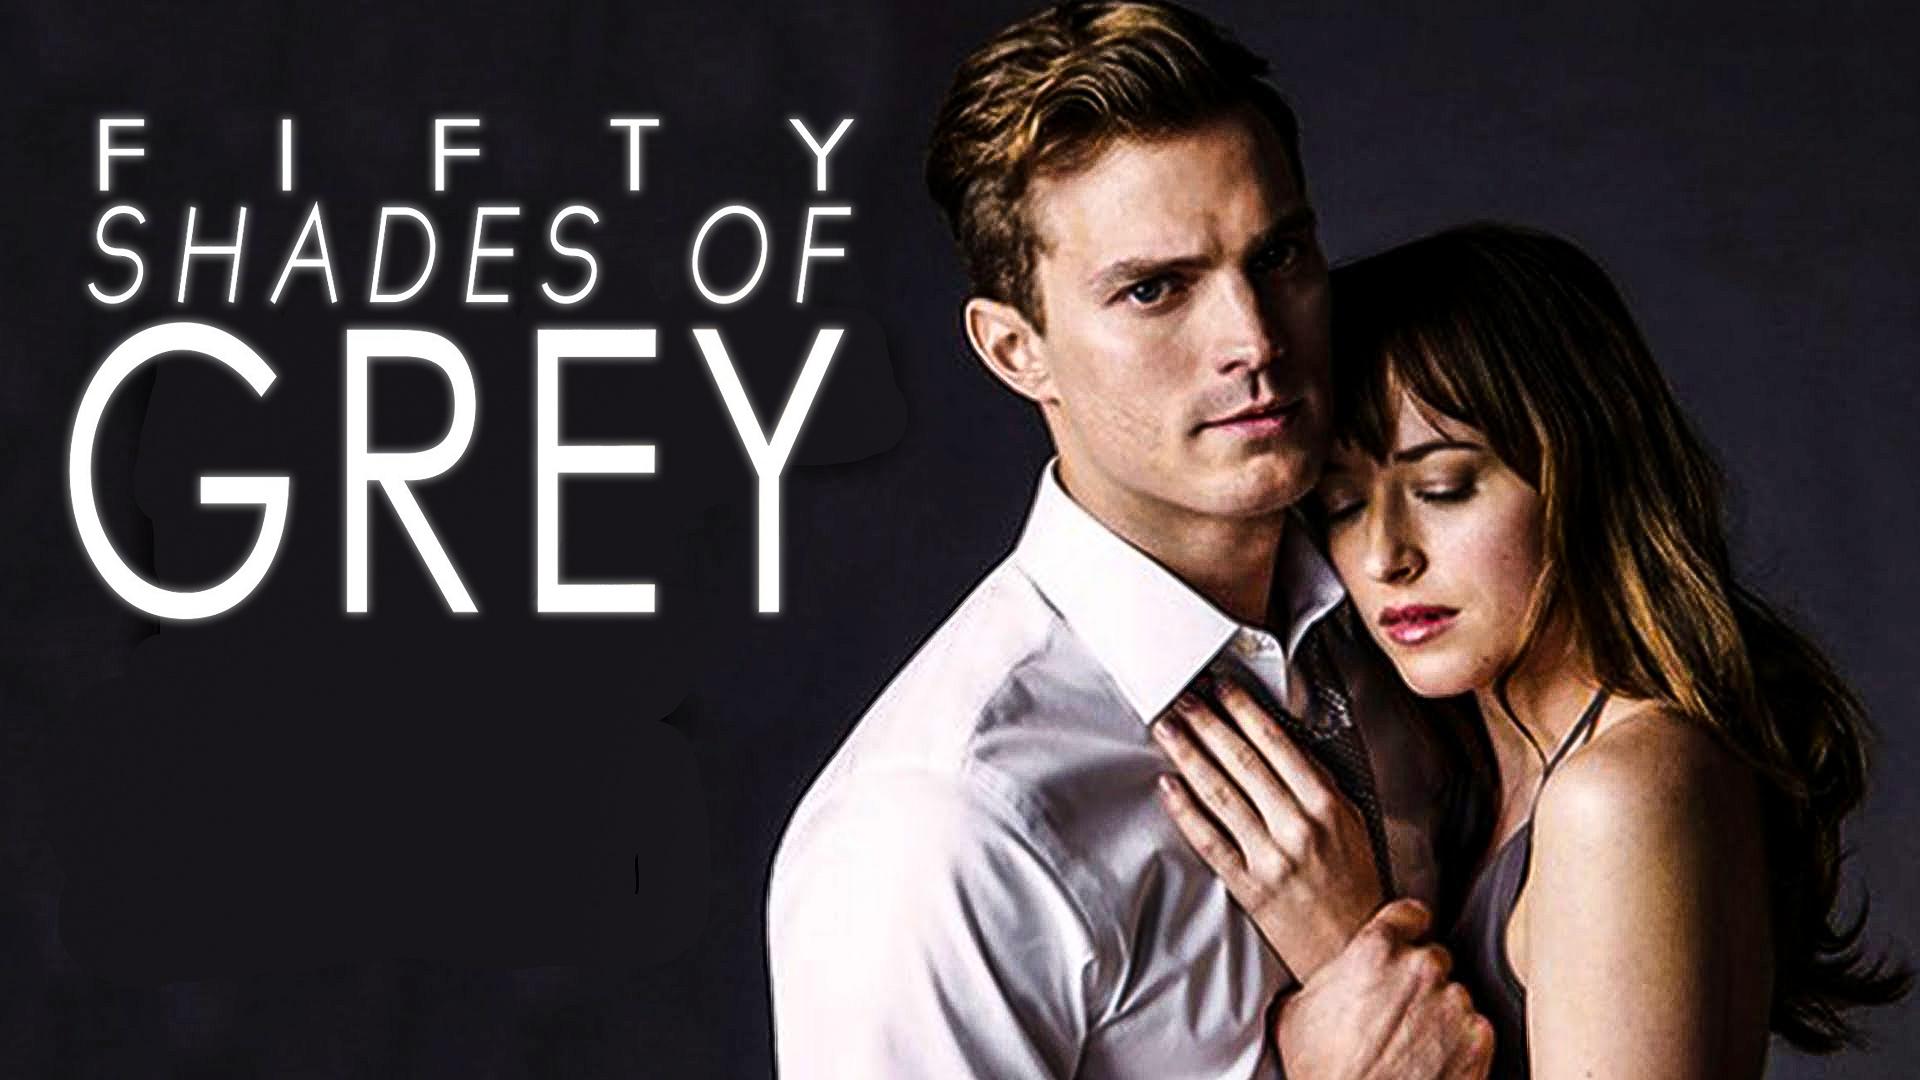 50 shades of grey movie online